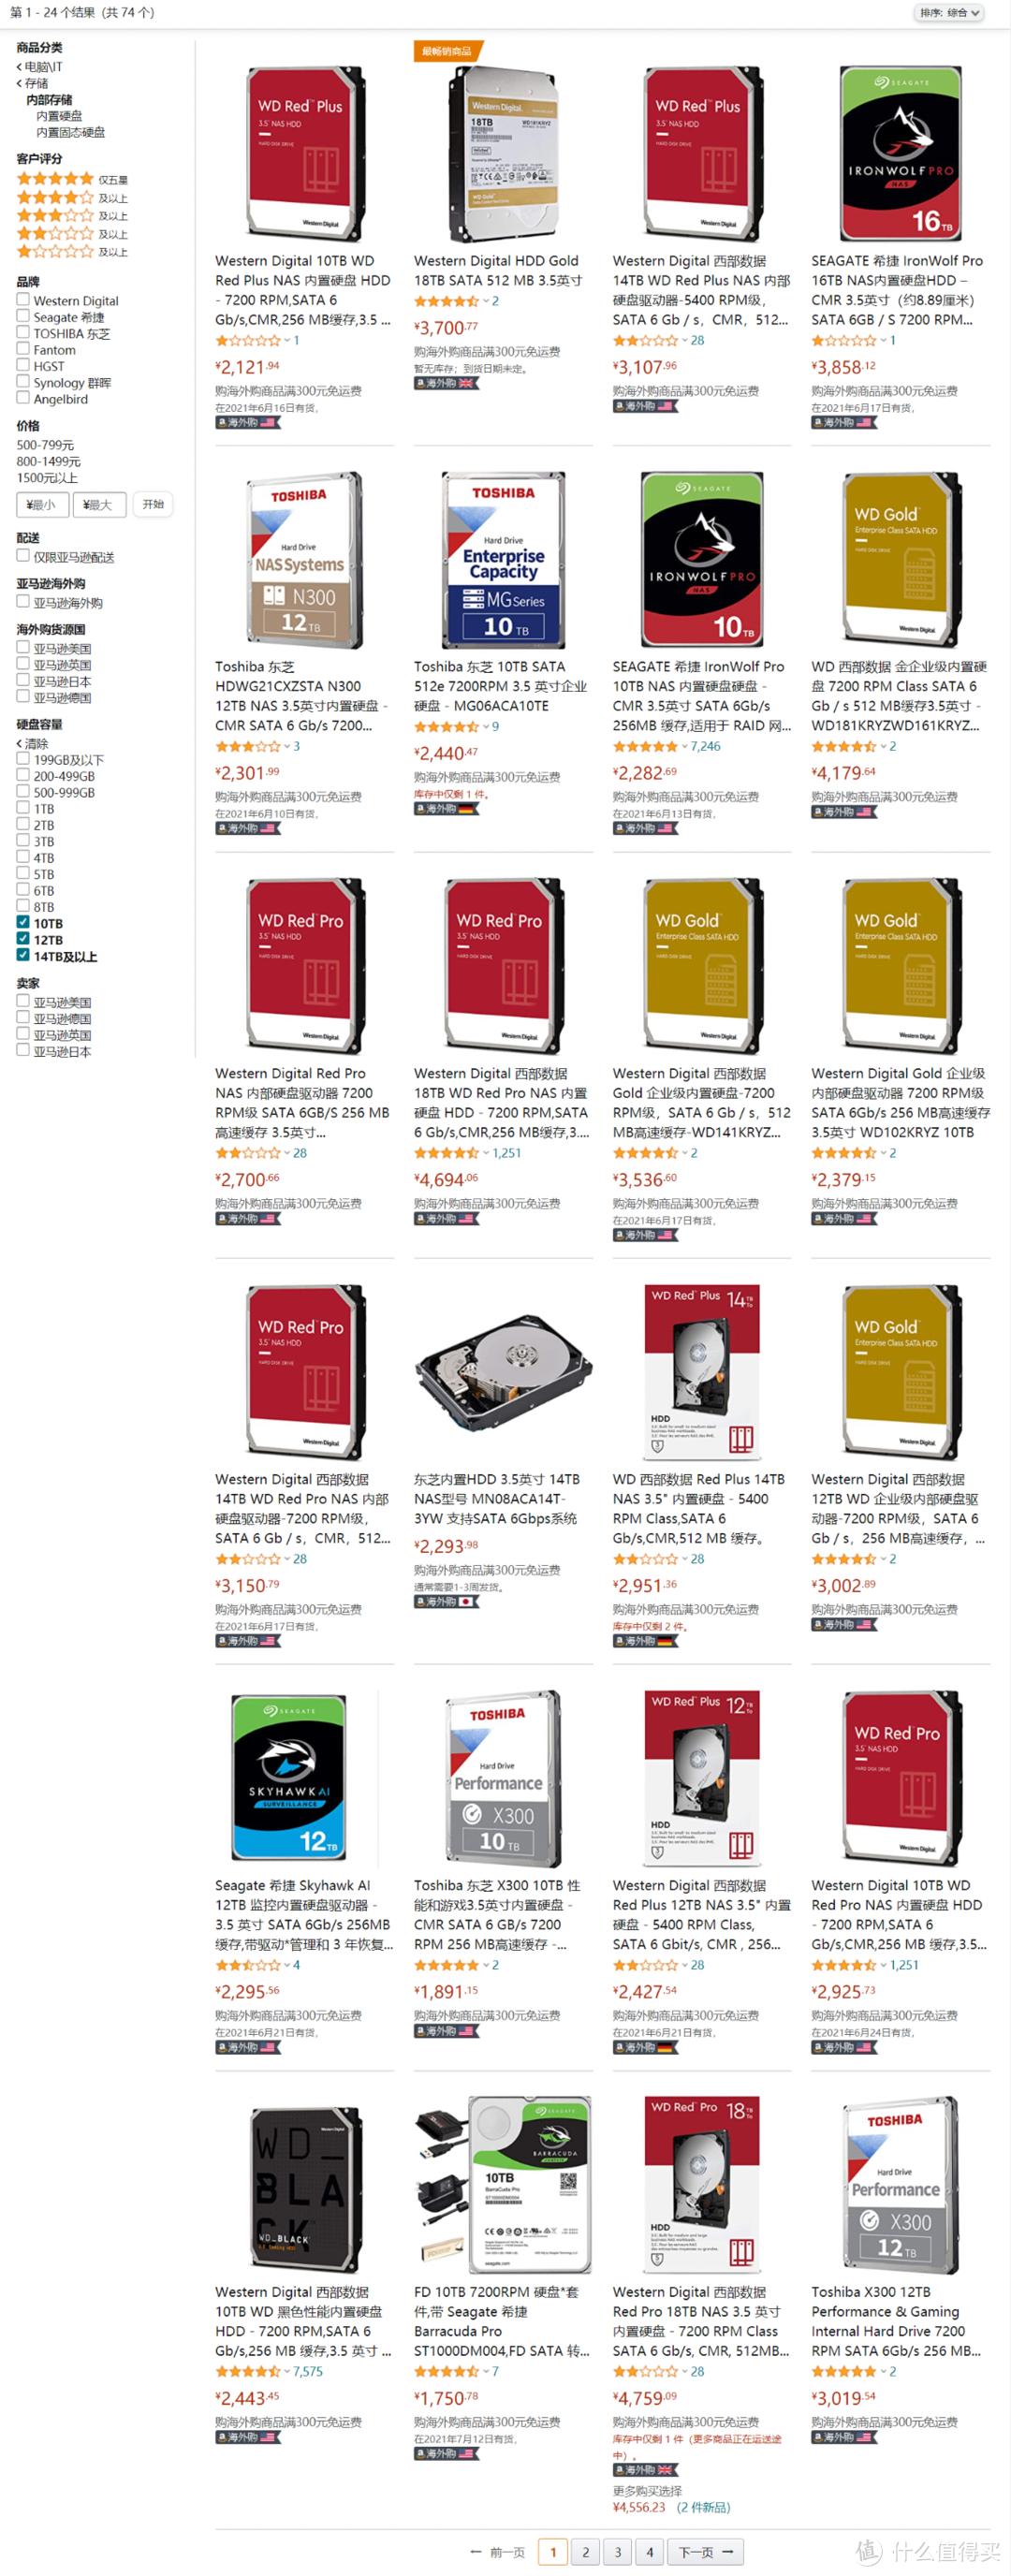 硬盘价格狂飙中的捡漏——14T的希捷Expansion开箱